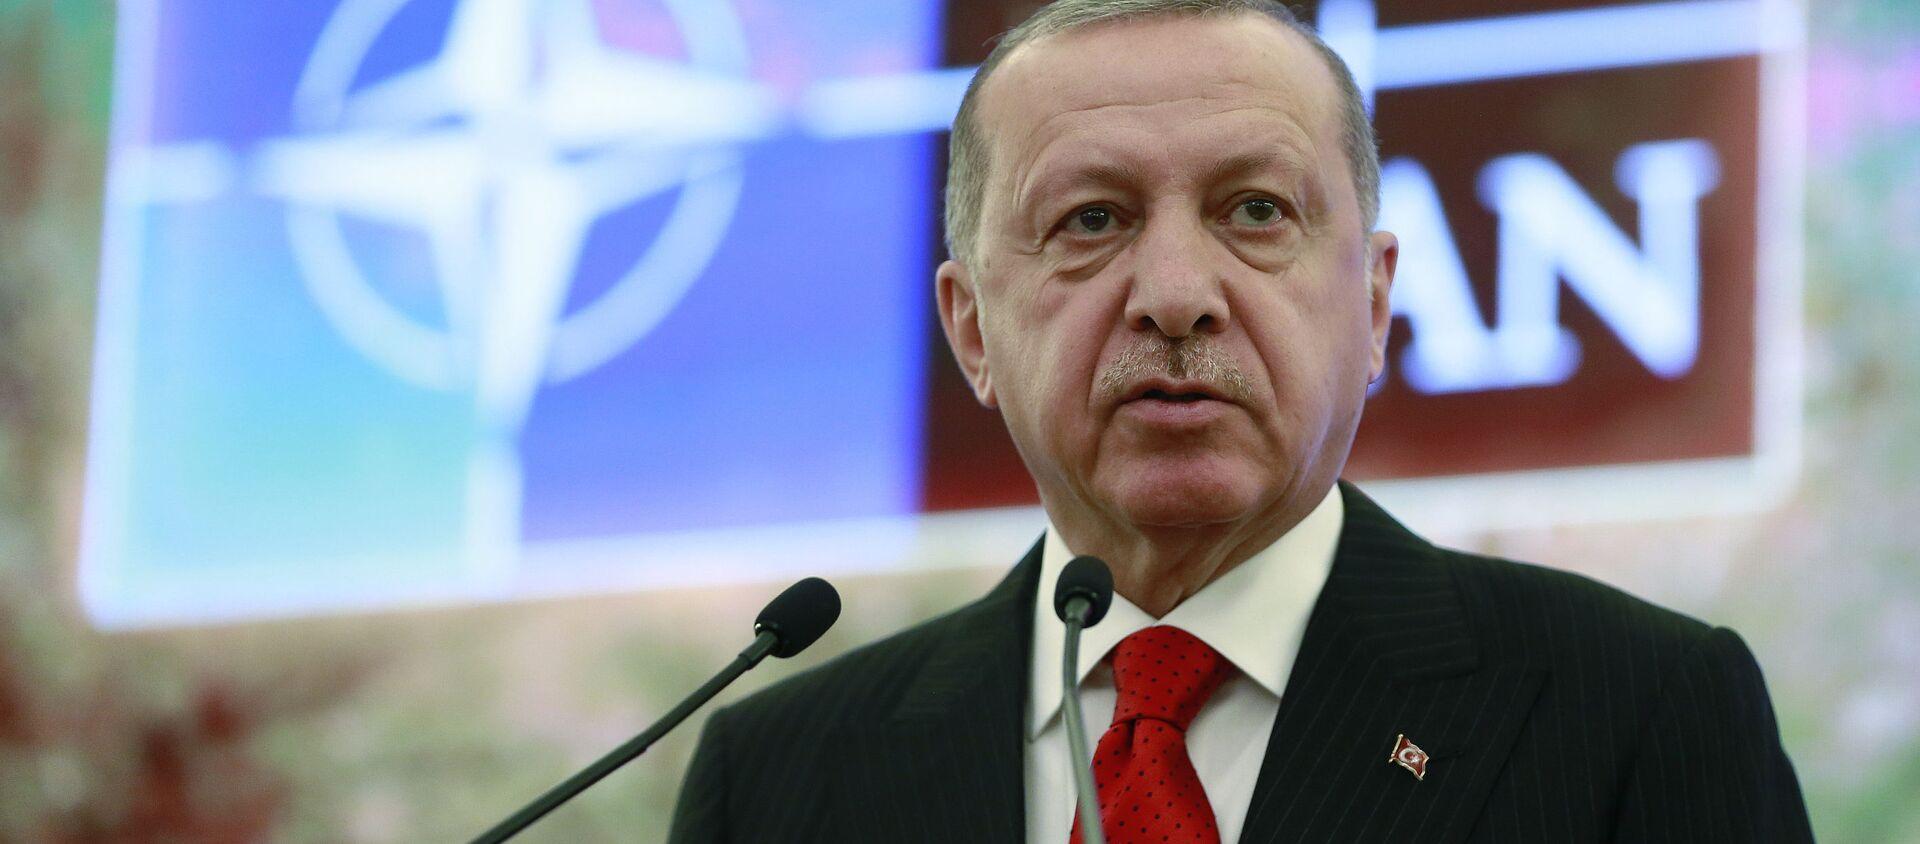 Il presidente turco Recep Tayyip Erdogan al Dialogo mediterraneo della NATO ad Ankara - Sputnik Italia, 1920, 16.12.2020